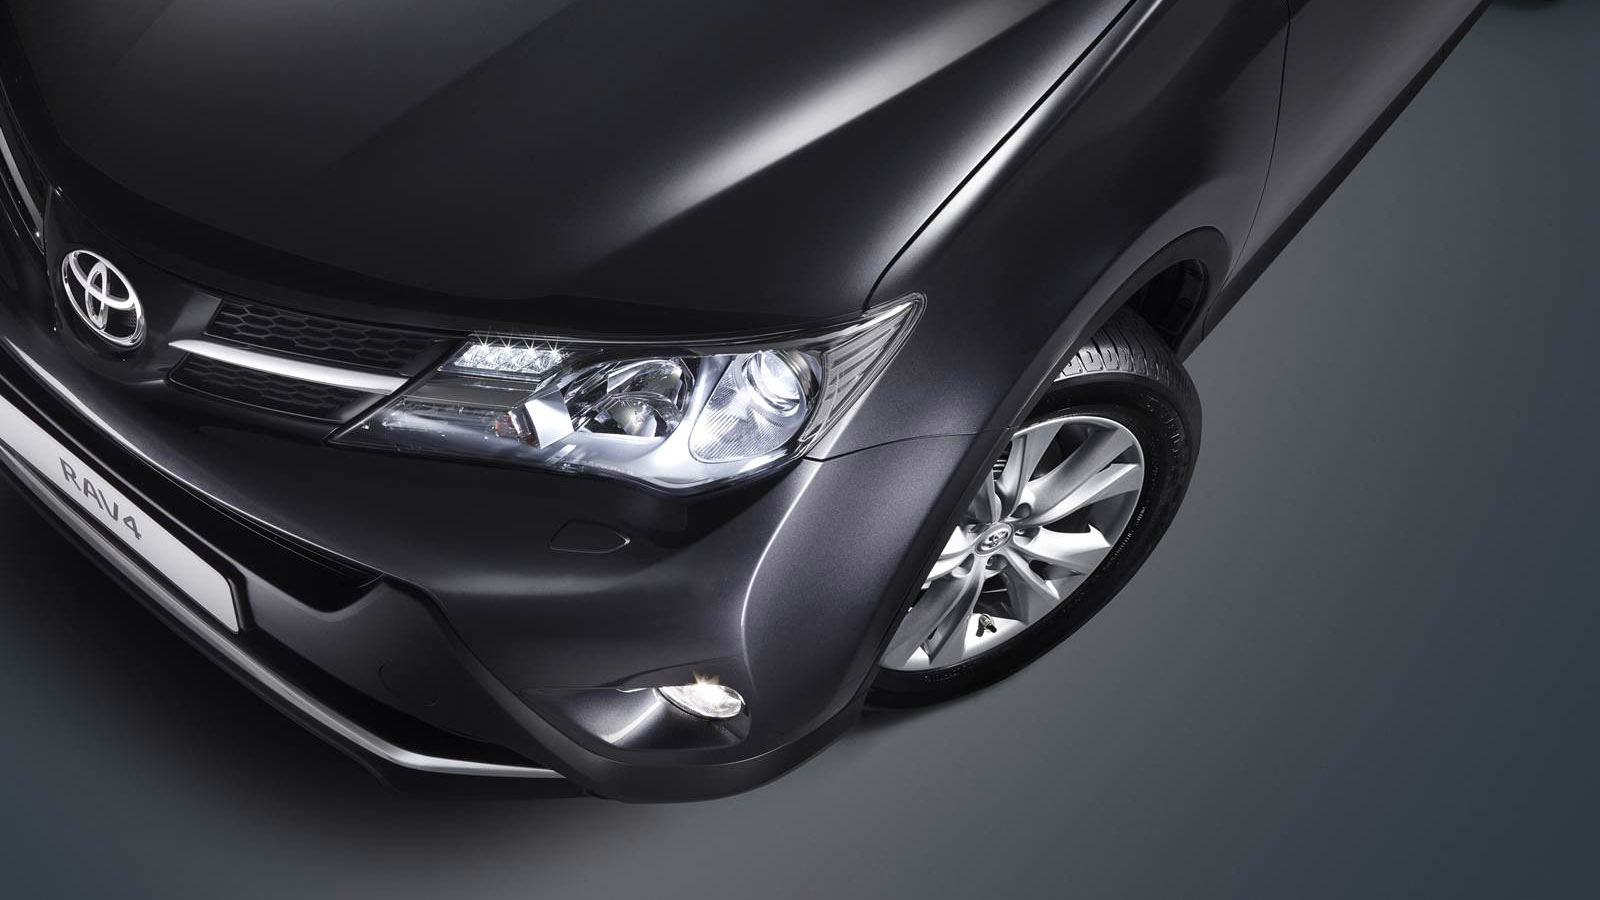 Doble llave - Toyota lanza nueva generación del todocaminos RAV4